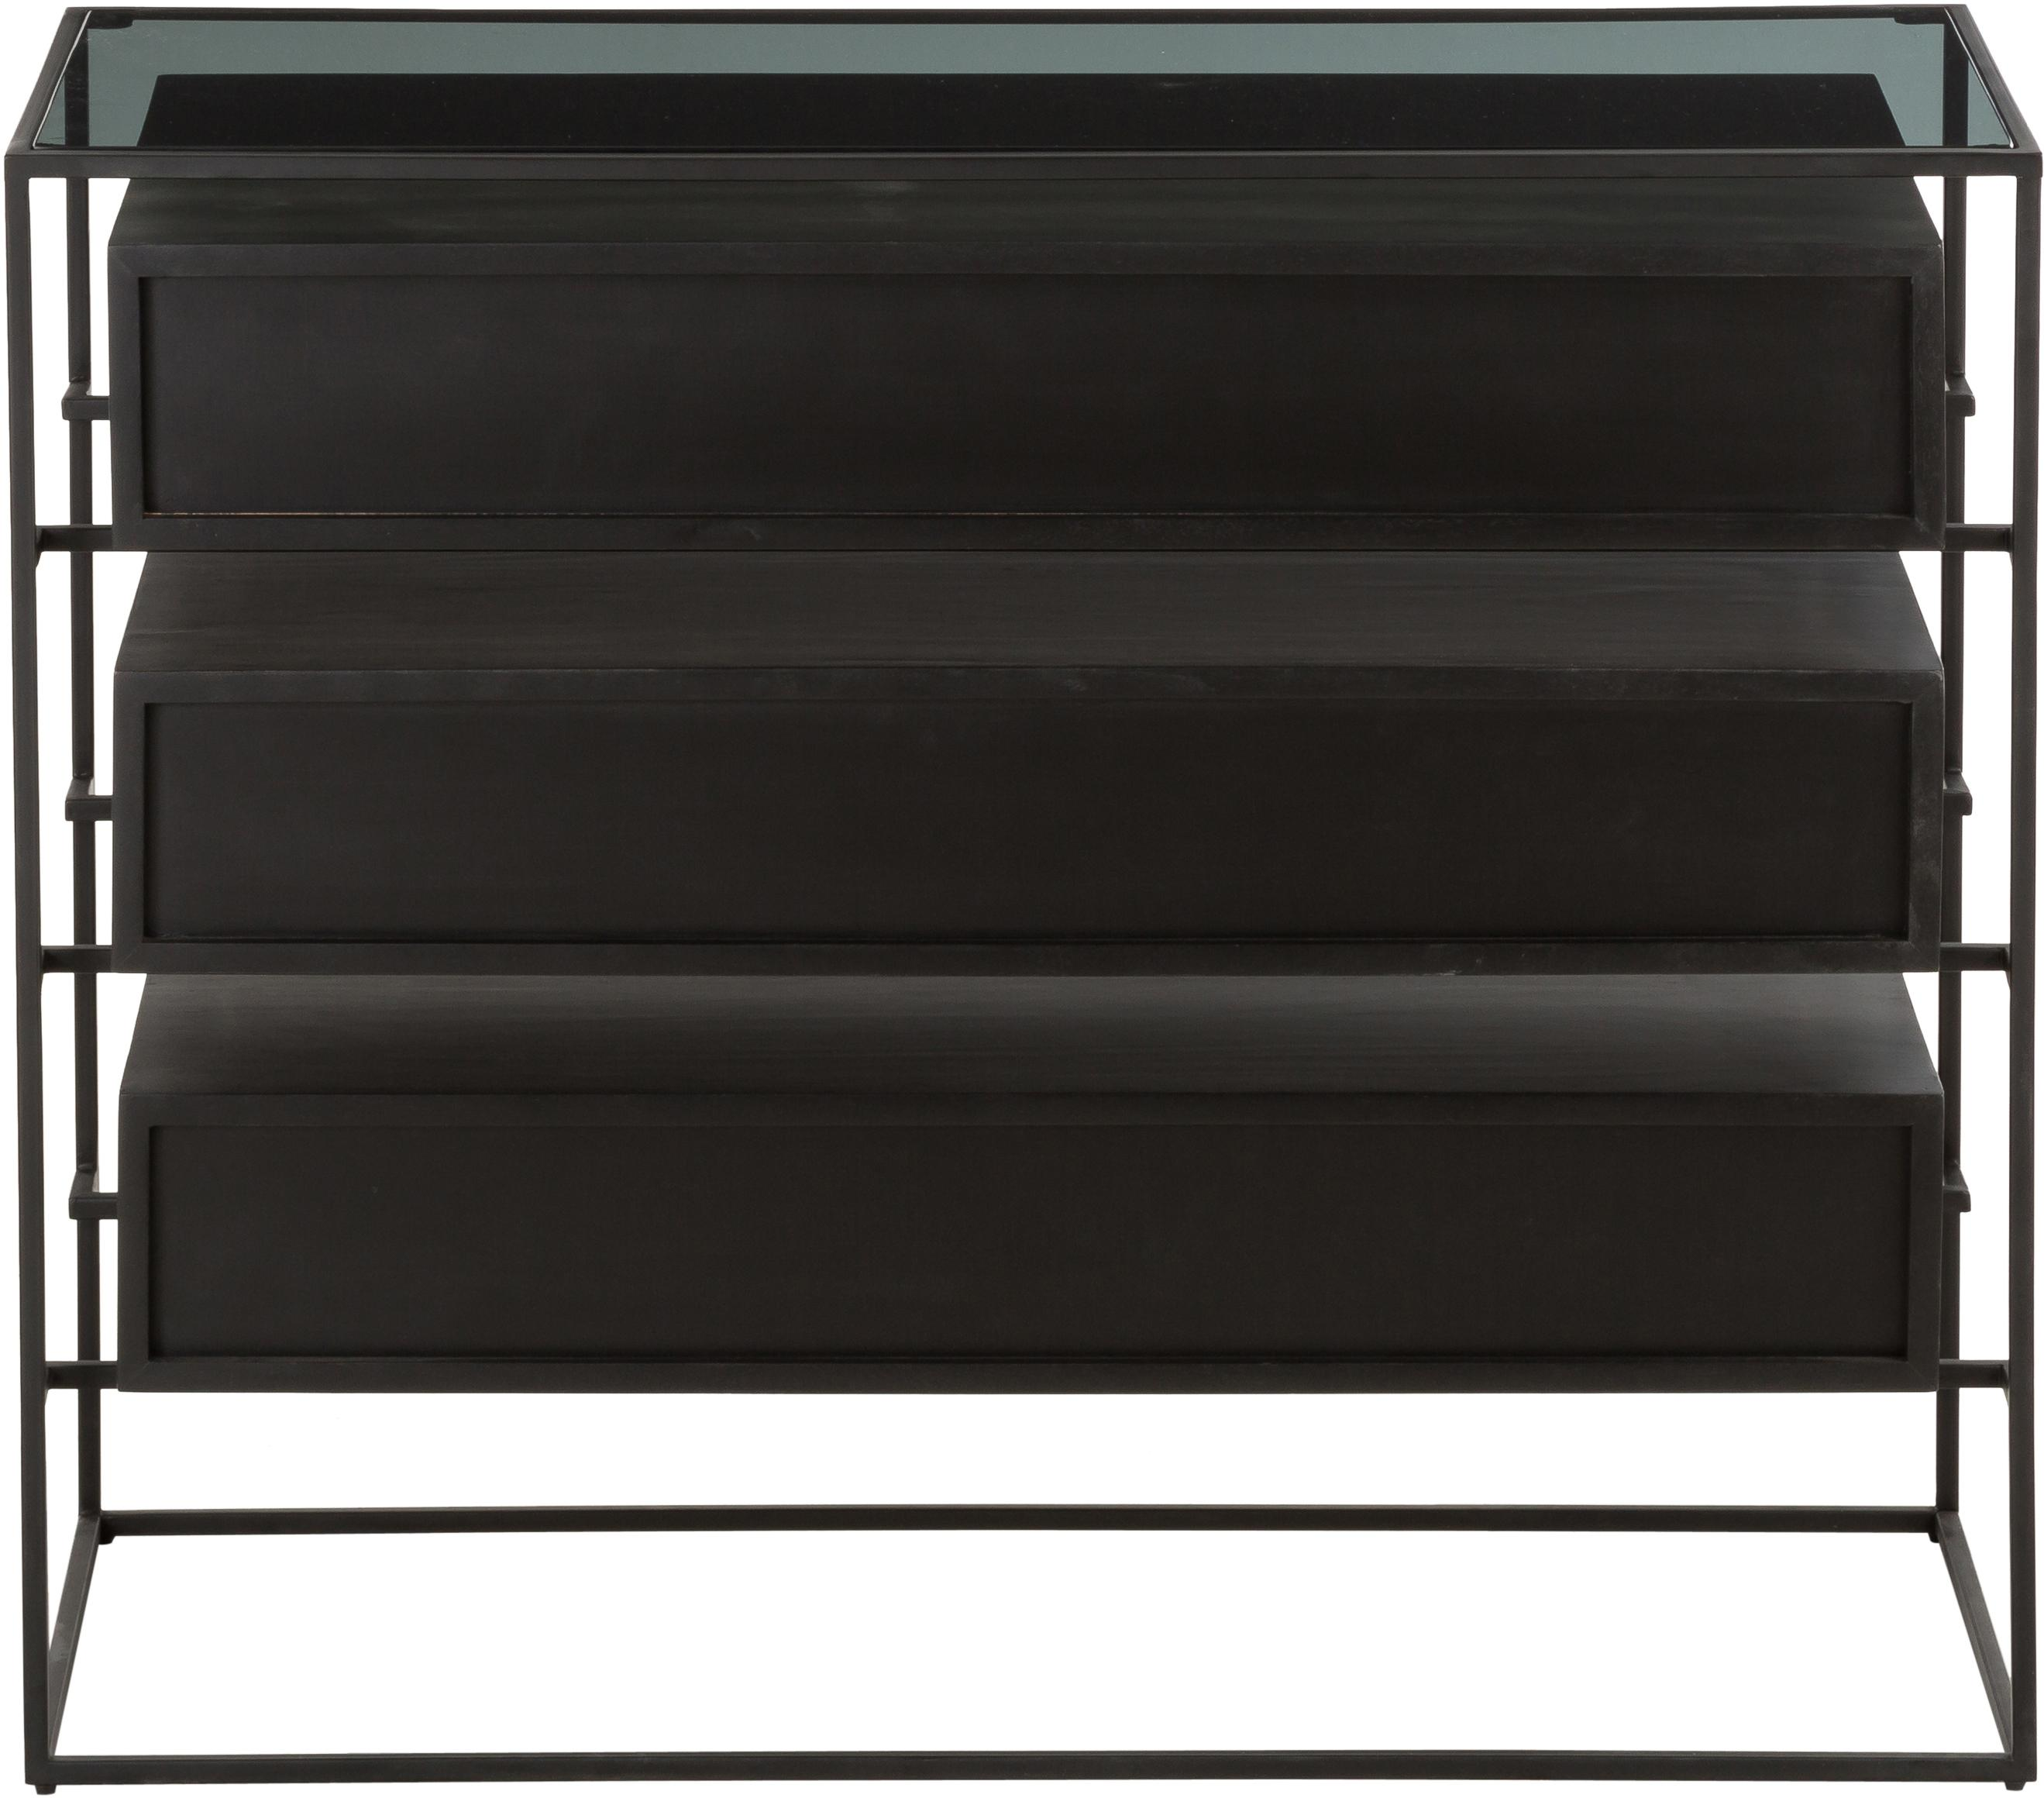 Schubladenkommode Lyle mit Glasplatte, Ablagefläche: Glas, Schubladen: Mangoholz, schwarz lackiertGestell und Griffe: Schwarz, matt, 100 x 82 cm